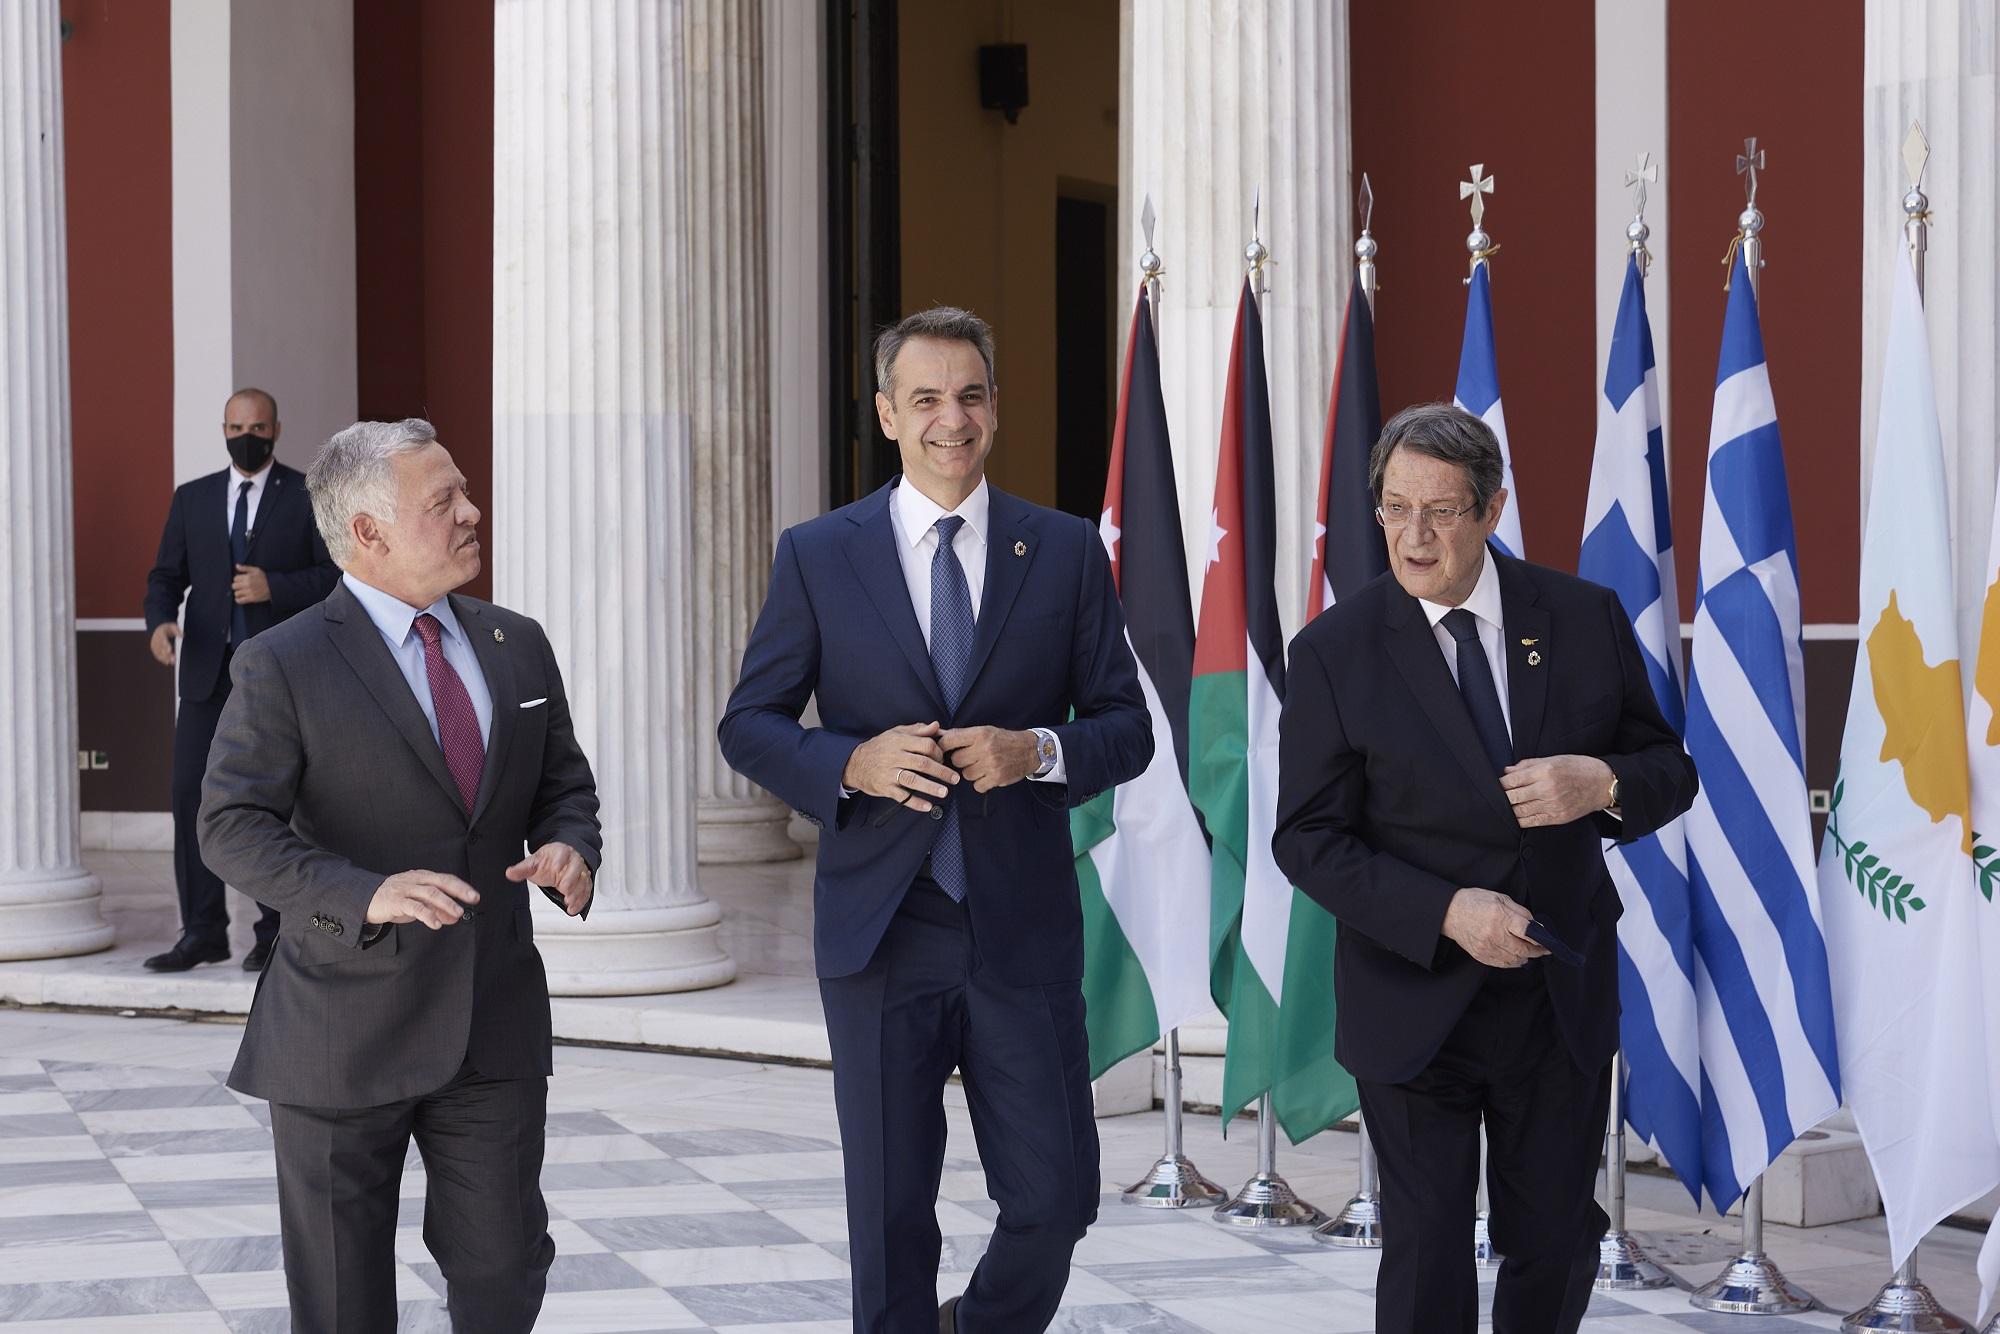 Νέες διπλωματικές πρωτοβουλίες Αθήνας – Λευκωσίας έναντι της τουρκικής παραβατικότητας